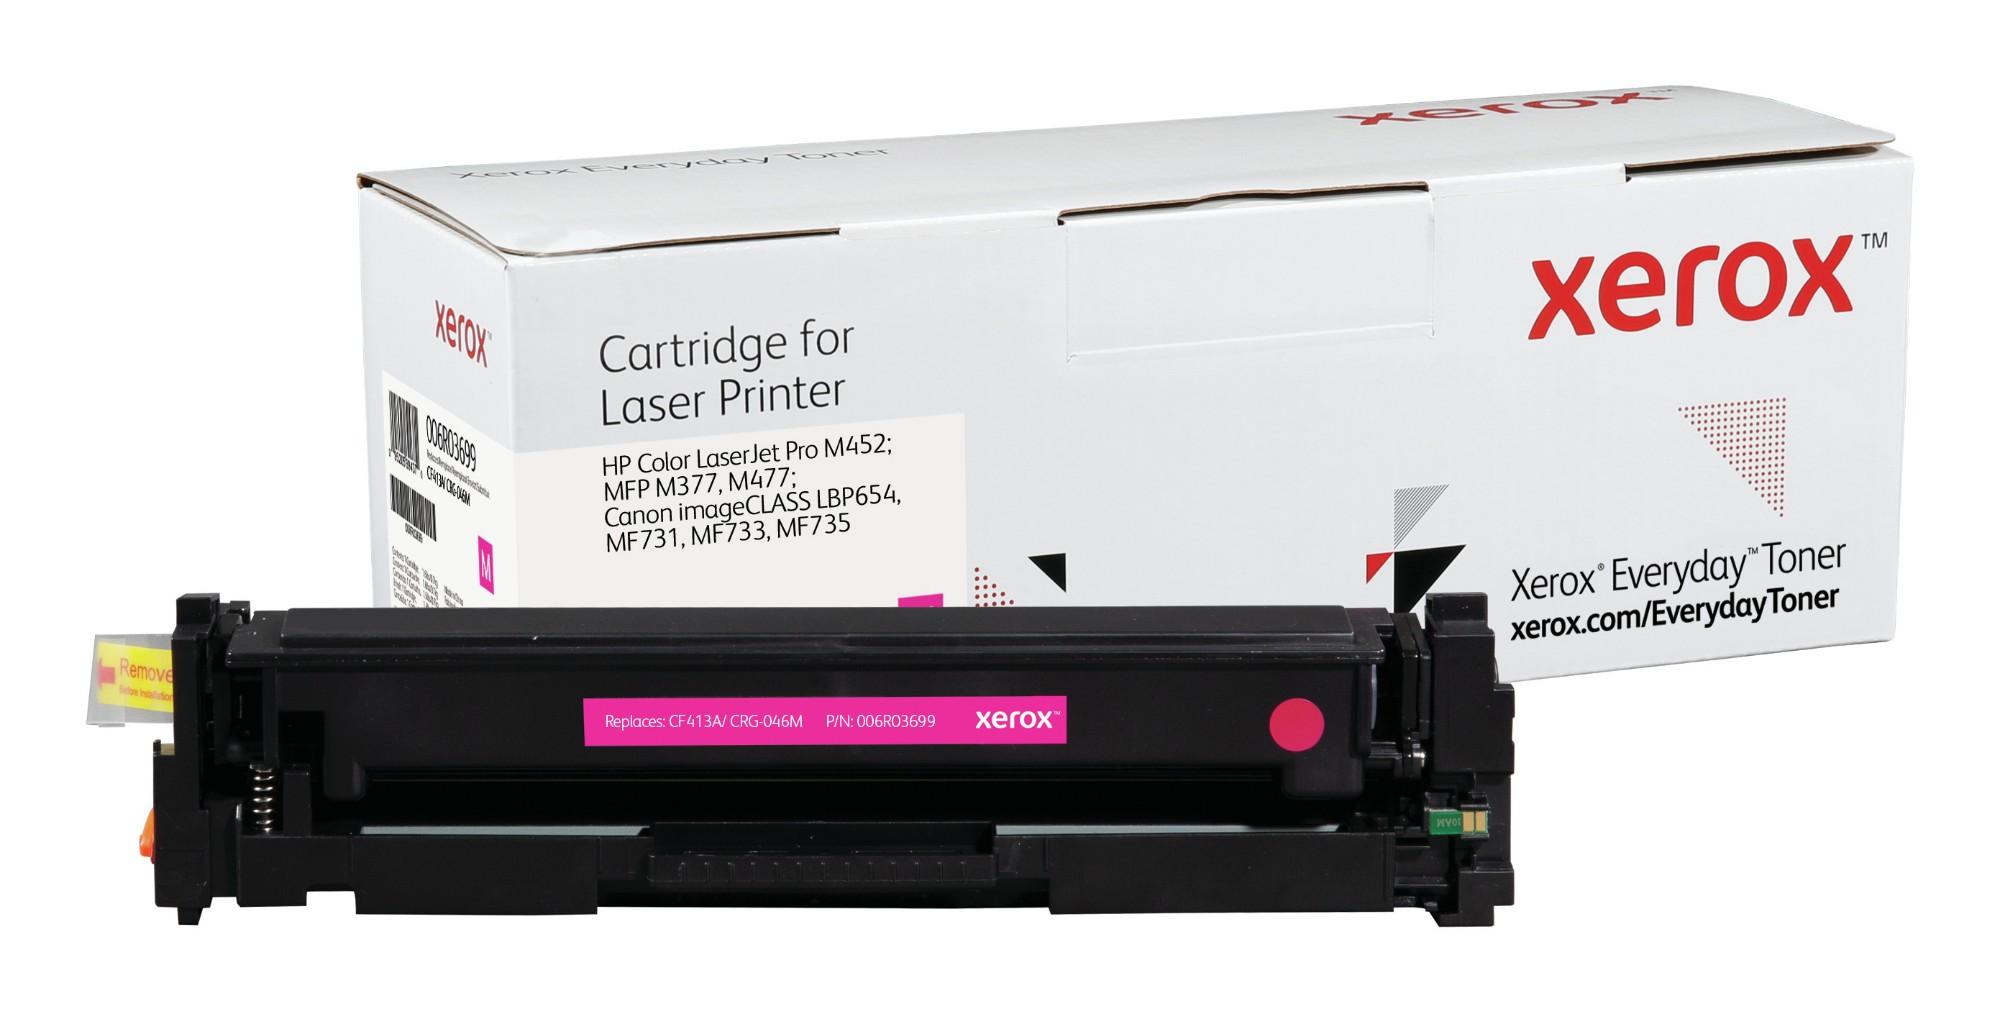 Xerox Tóner de Rendimiento estándar Magenta Everyday, HP CF413A/ CRG-046M equivalente de , 2300 páginas